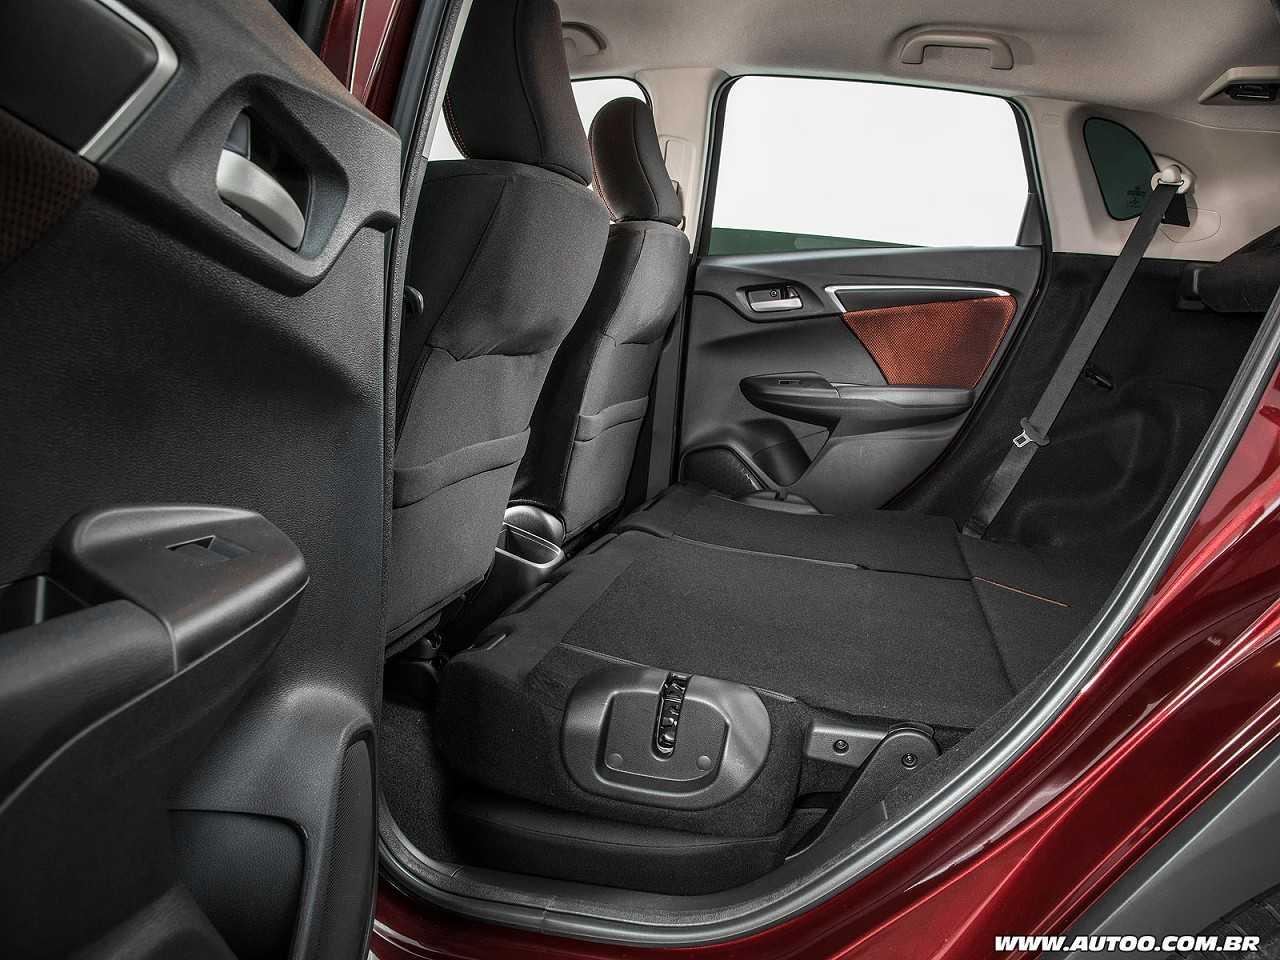 HondaWR-V 2018 - bancos traseiros